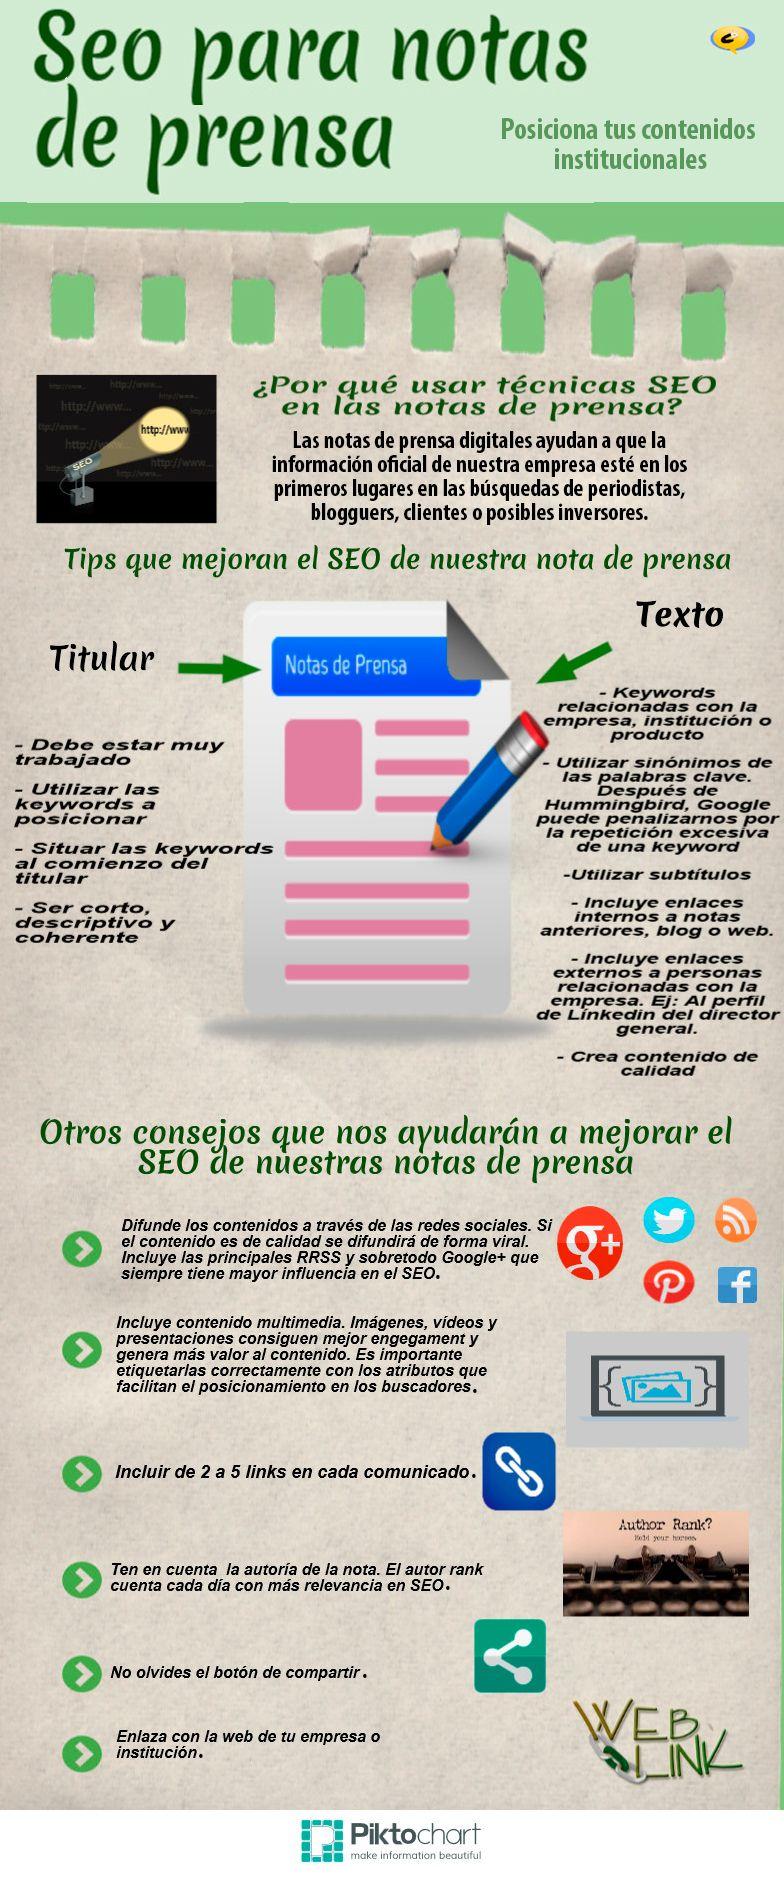 Seo Para Notas De Prensa Online Social Media Marketing Infographic Infographic Marketing Seo Marketing